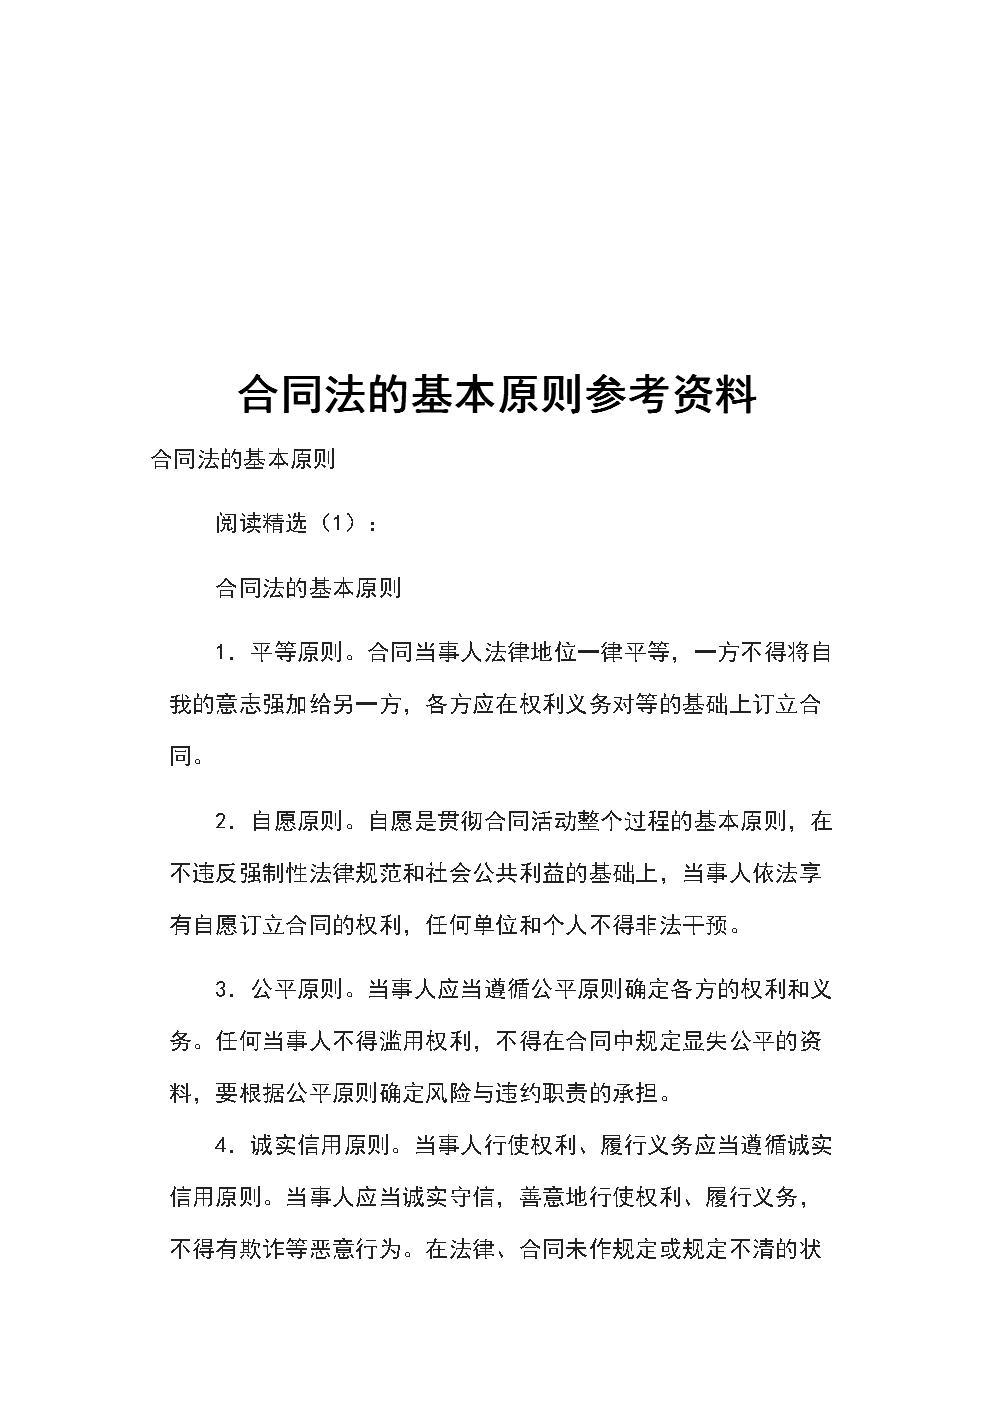 合同法的基本原则参考资料.doc